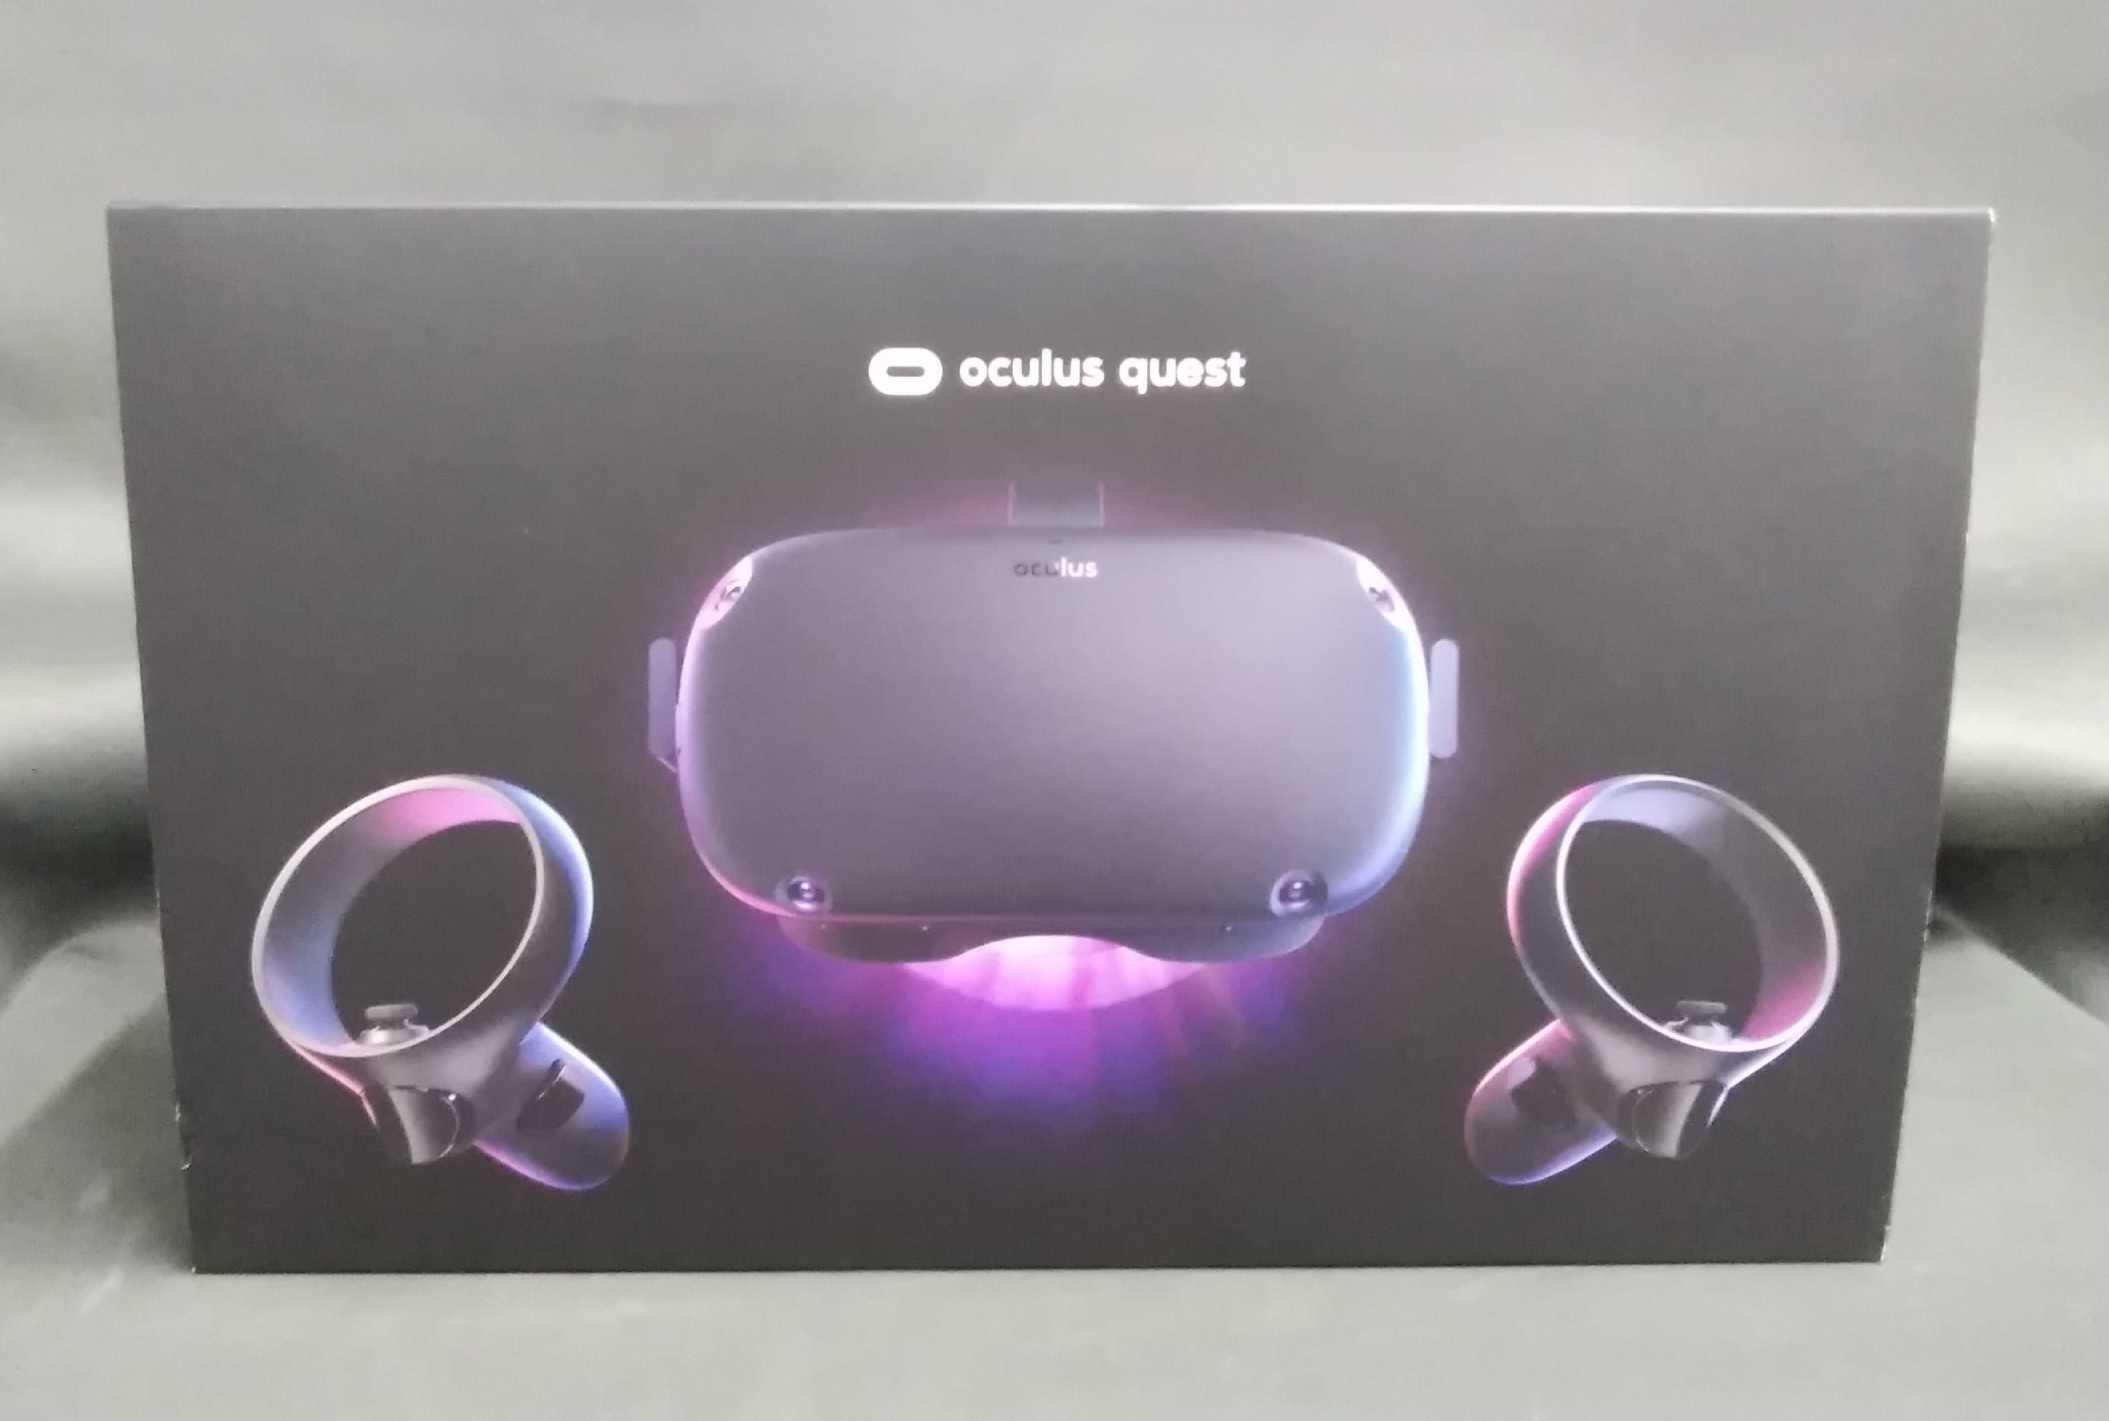 Oculus Quest|OCULUS